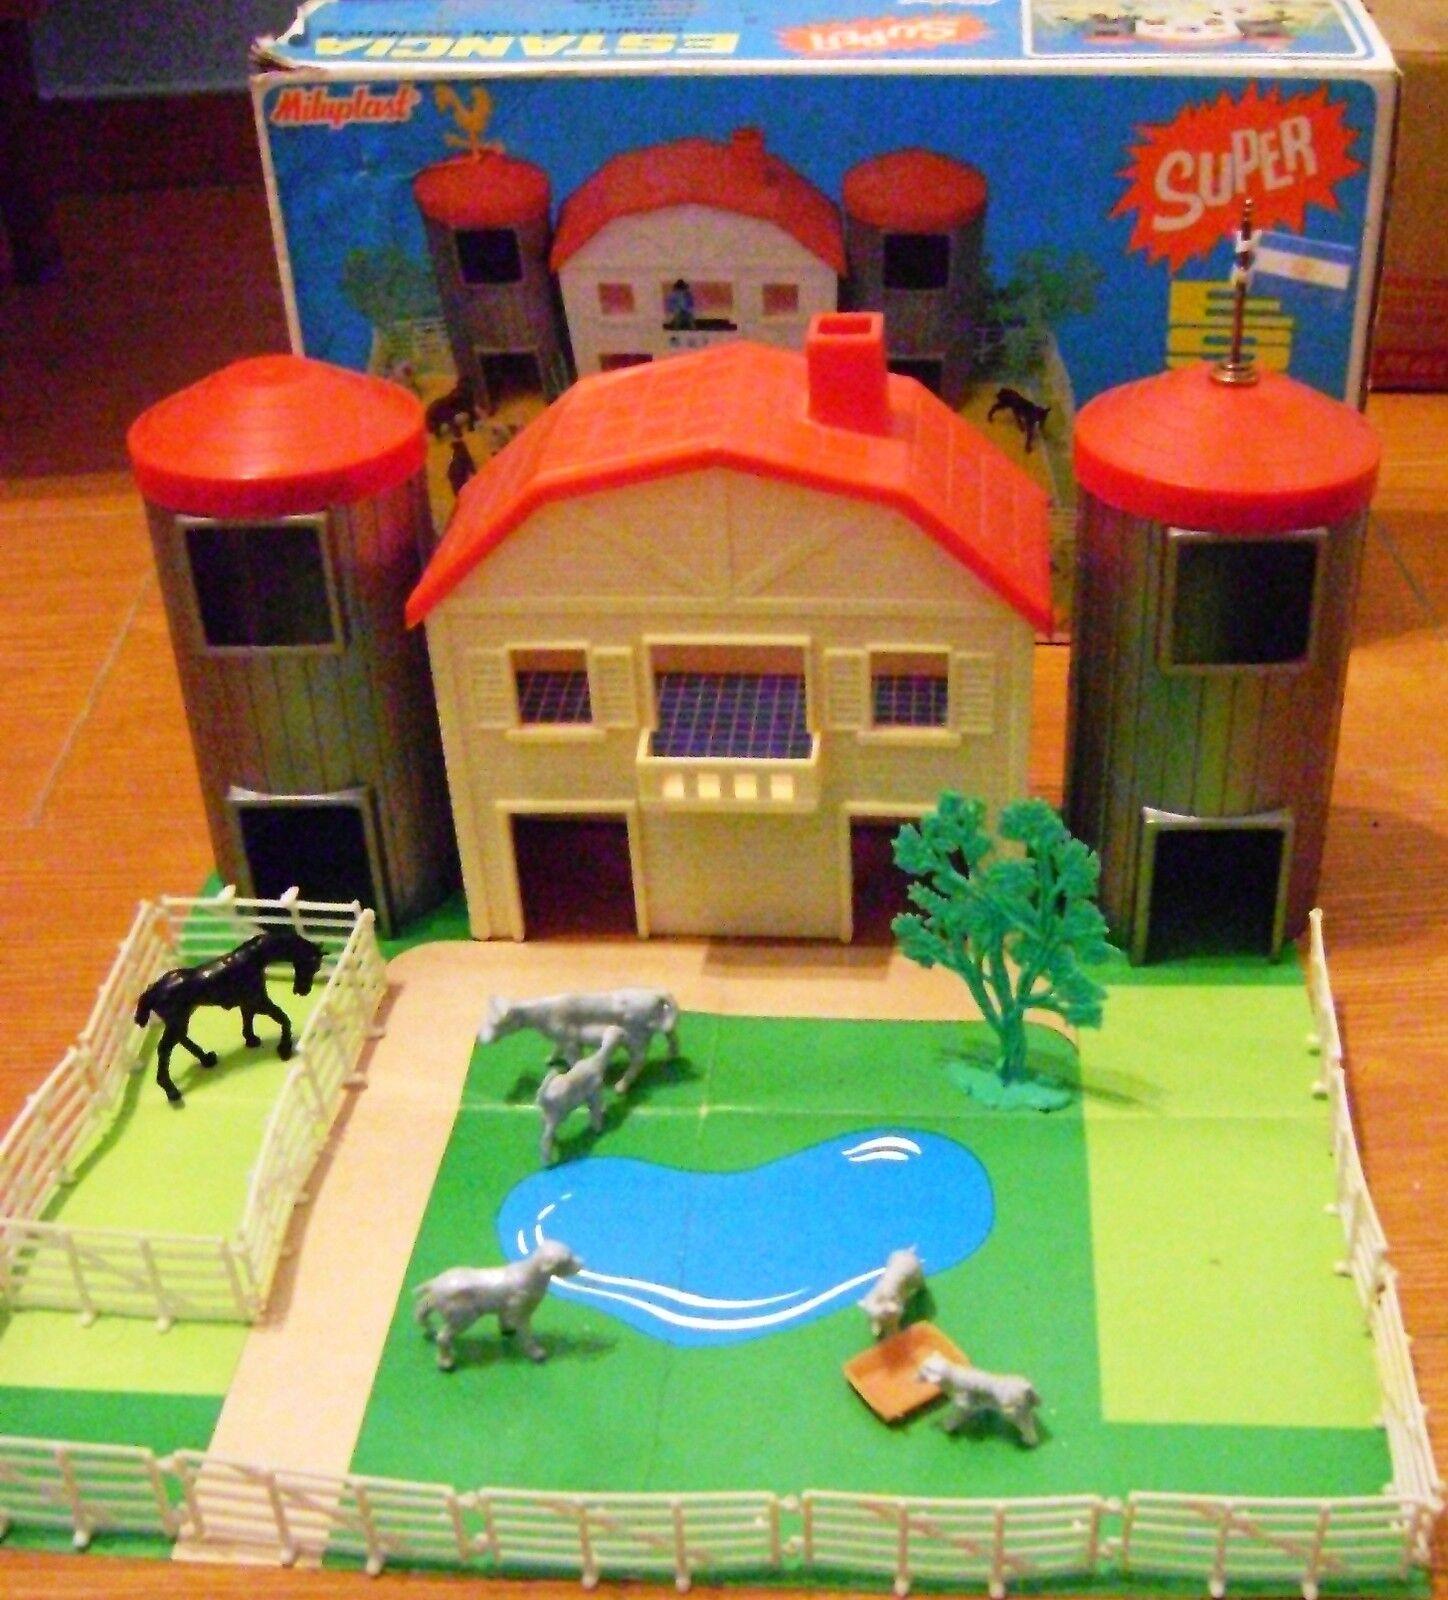 VINTAGE PLASTIC FARM SET BARN & SILOS 1 32 32 32 MILUPLAST silverINA BOXED 1970s 9233f5